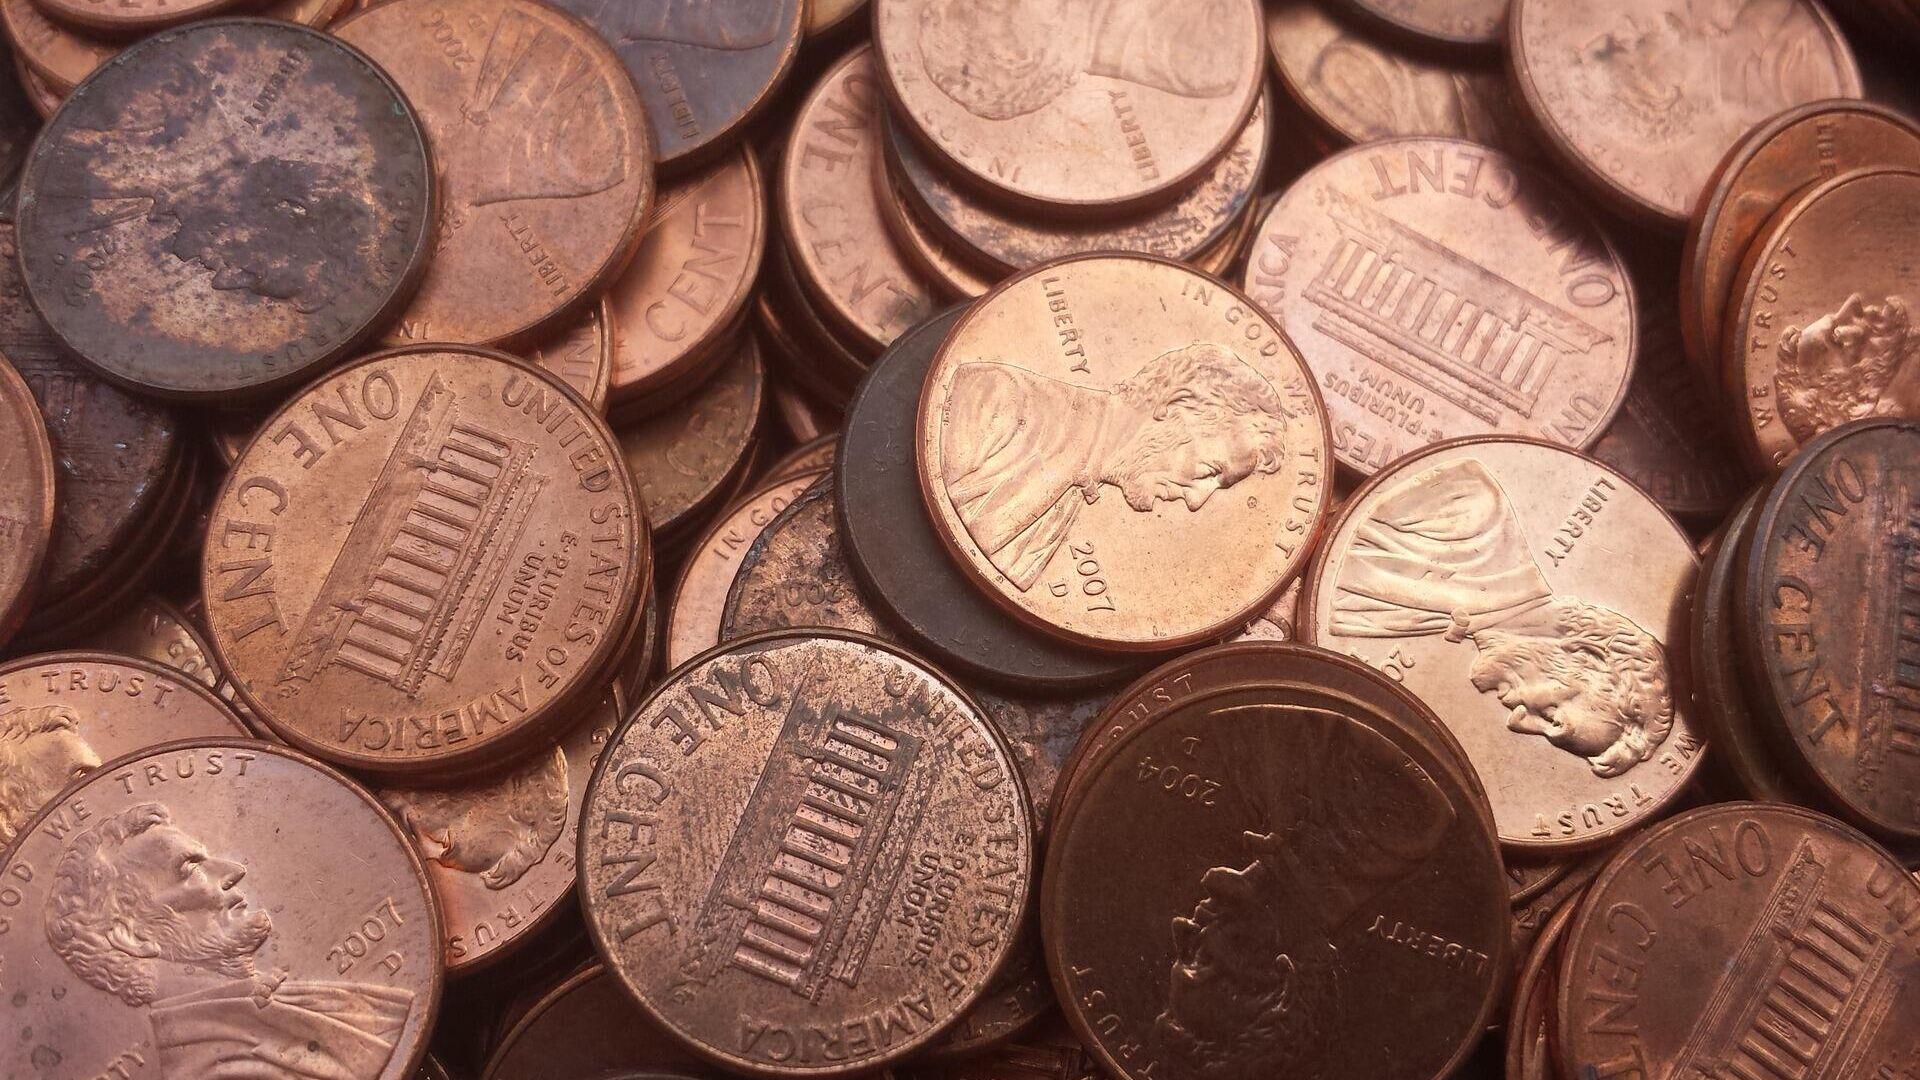 Monedas estadounidenses (imagen referencial) - Sputnik Mundo, 1920, 16.03.2021